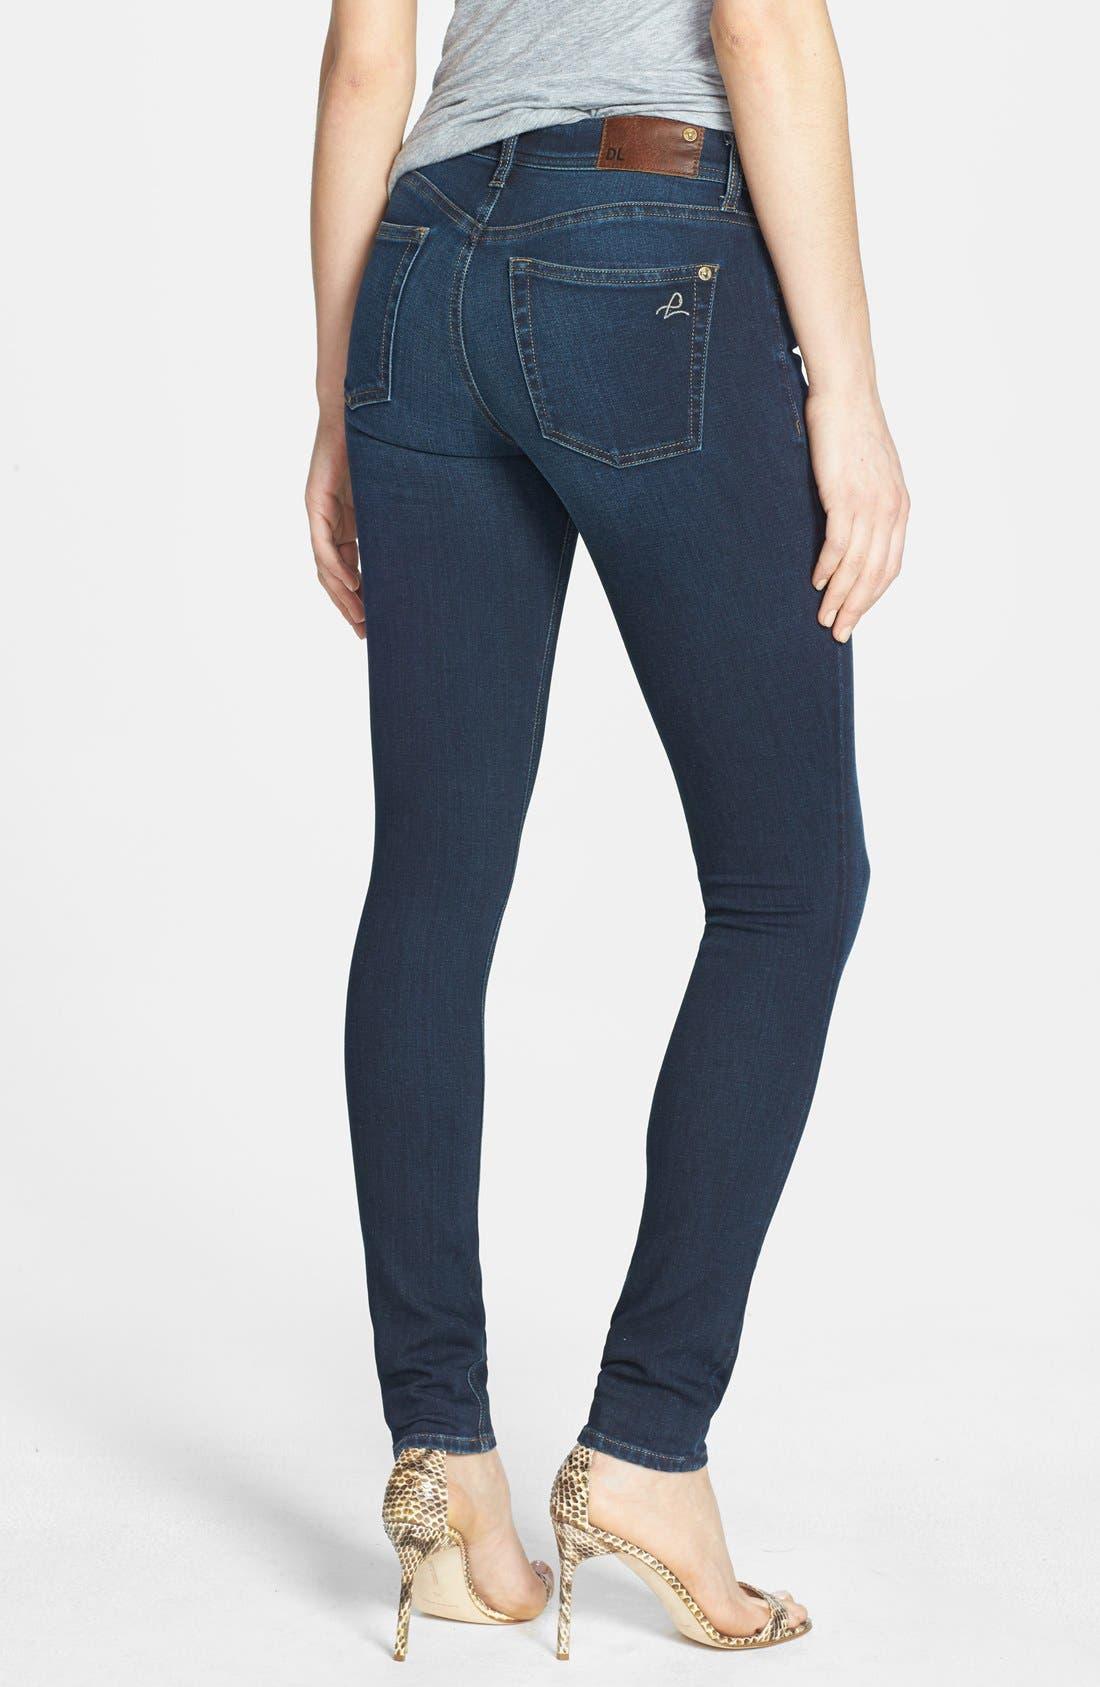 Alternate Image 2  - DL1961 'Florence' Instasculpt Skinny Jeans (Warner)